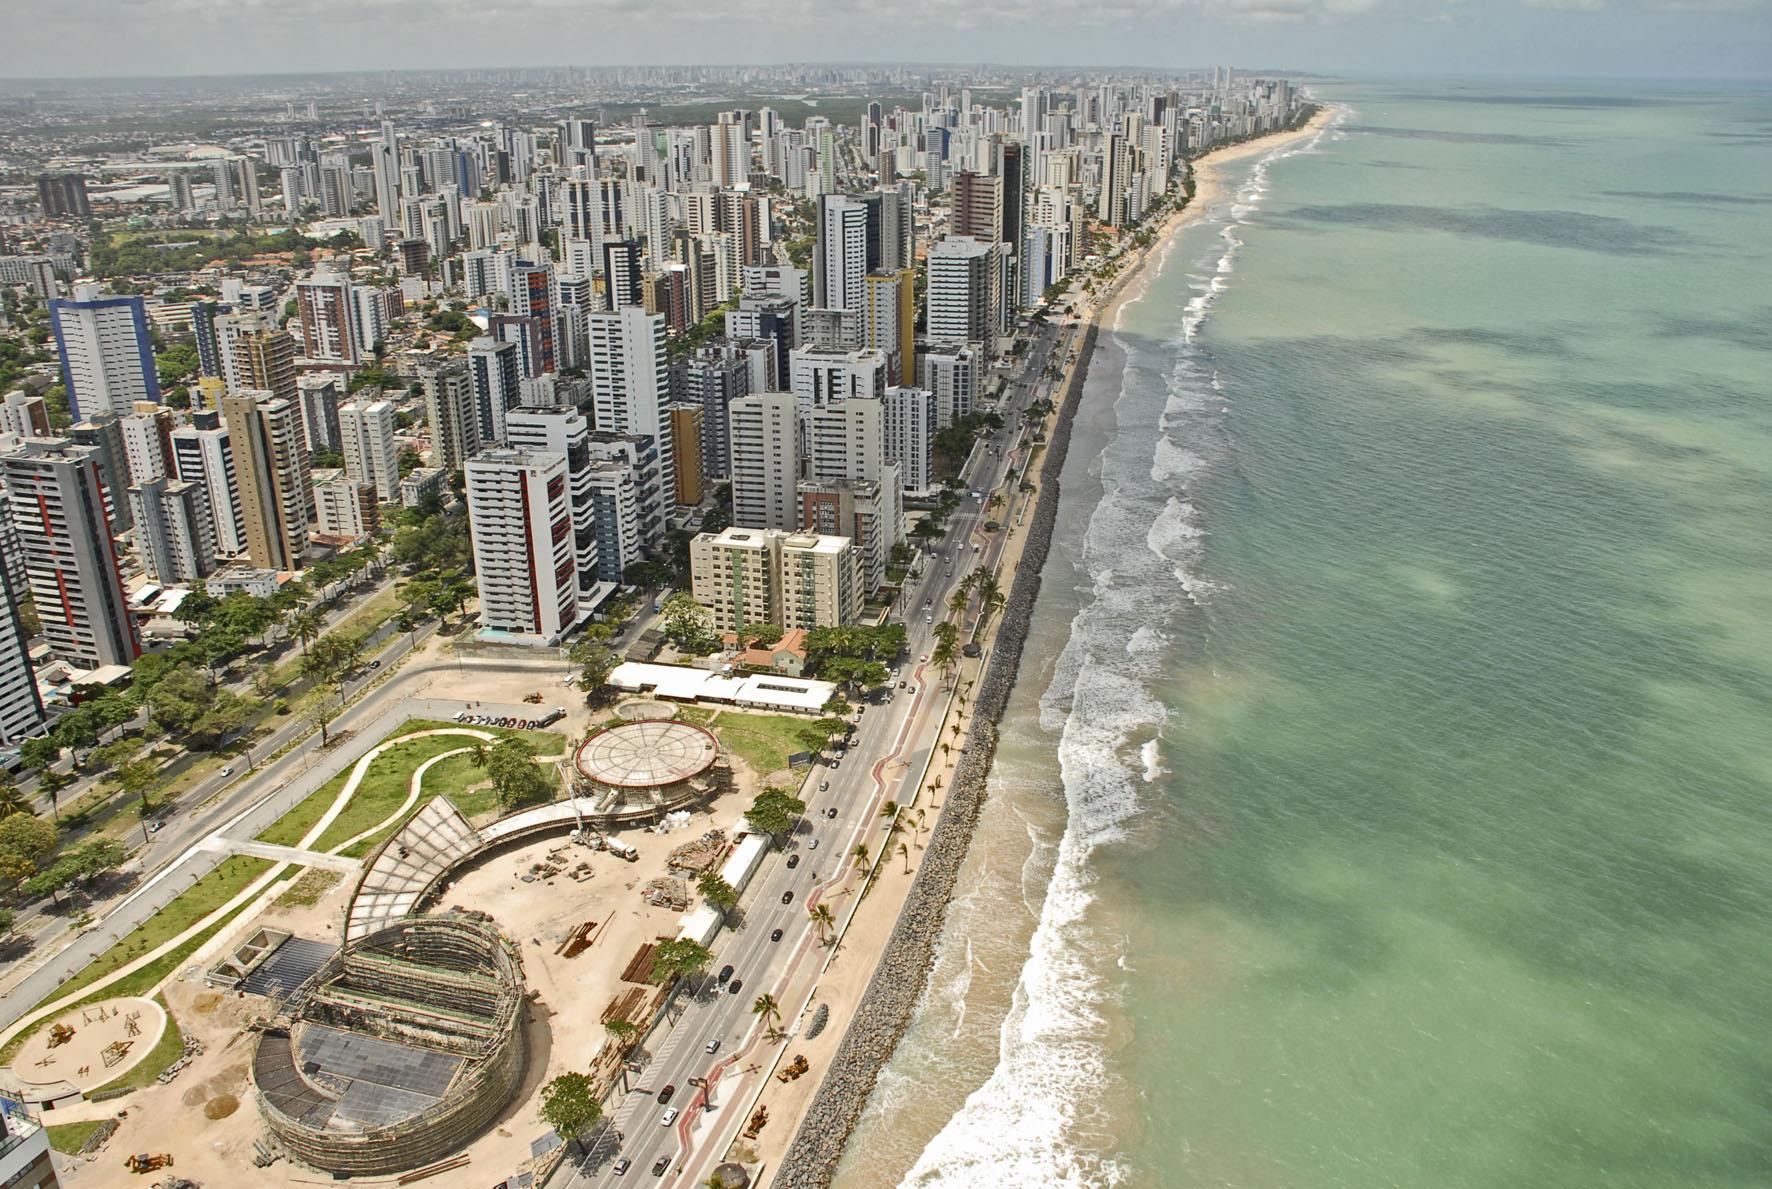 Découvrez la ville de Recife dans la région Nord-Est, surnommée la Venise Brésilienne